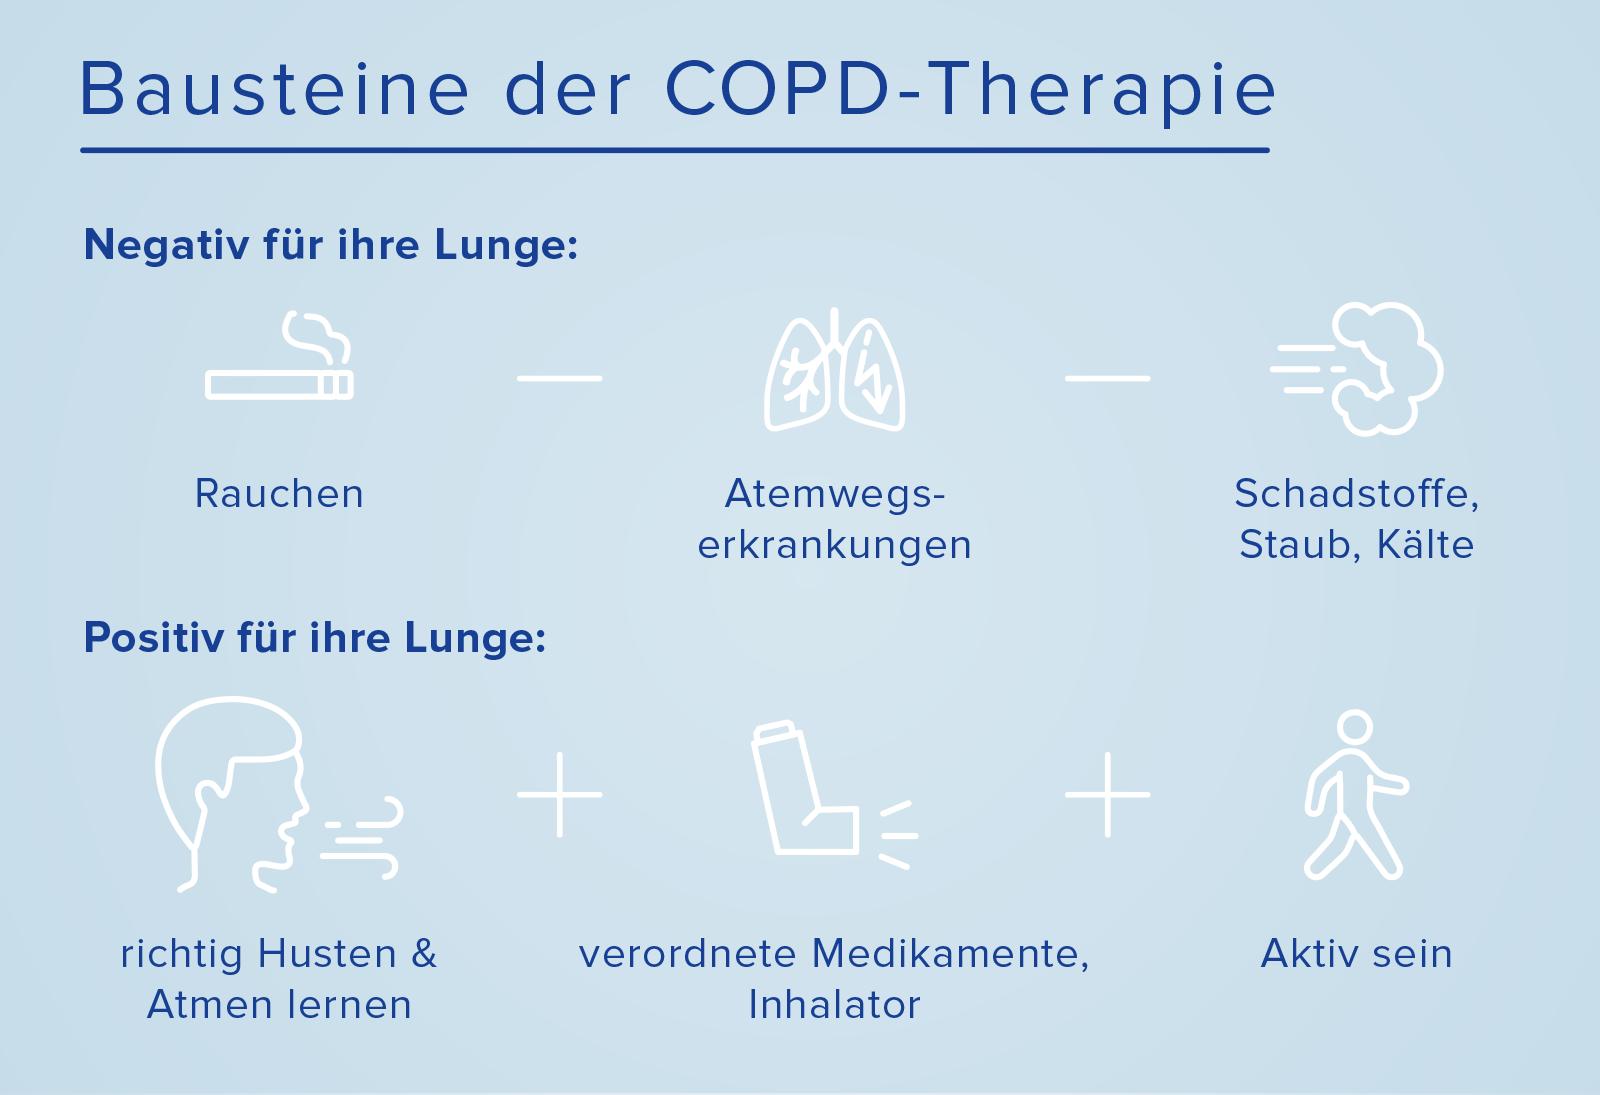 Bausteine der COPD-Therapie